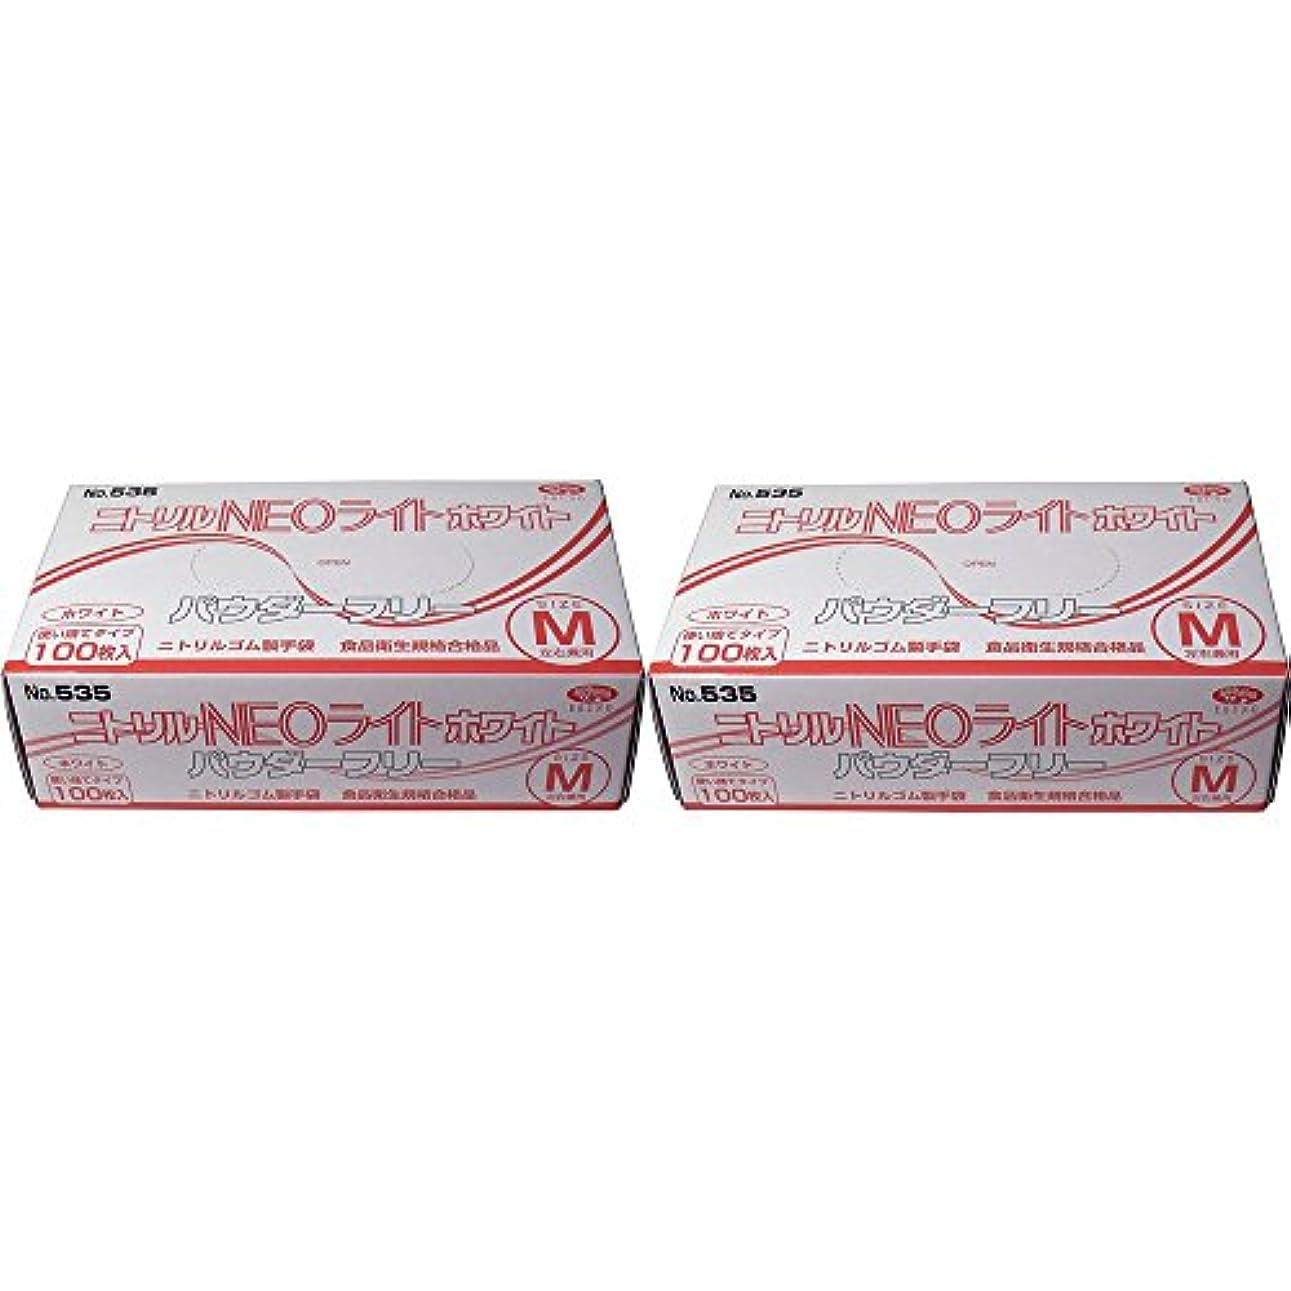 【セット品】ニトリル手袋 パウダーフリー ホワイト Mサイズ×2個